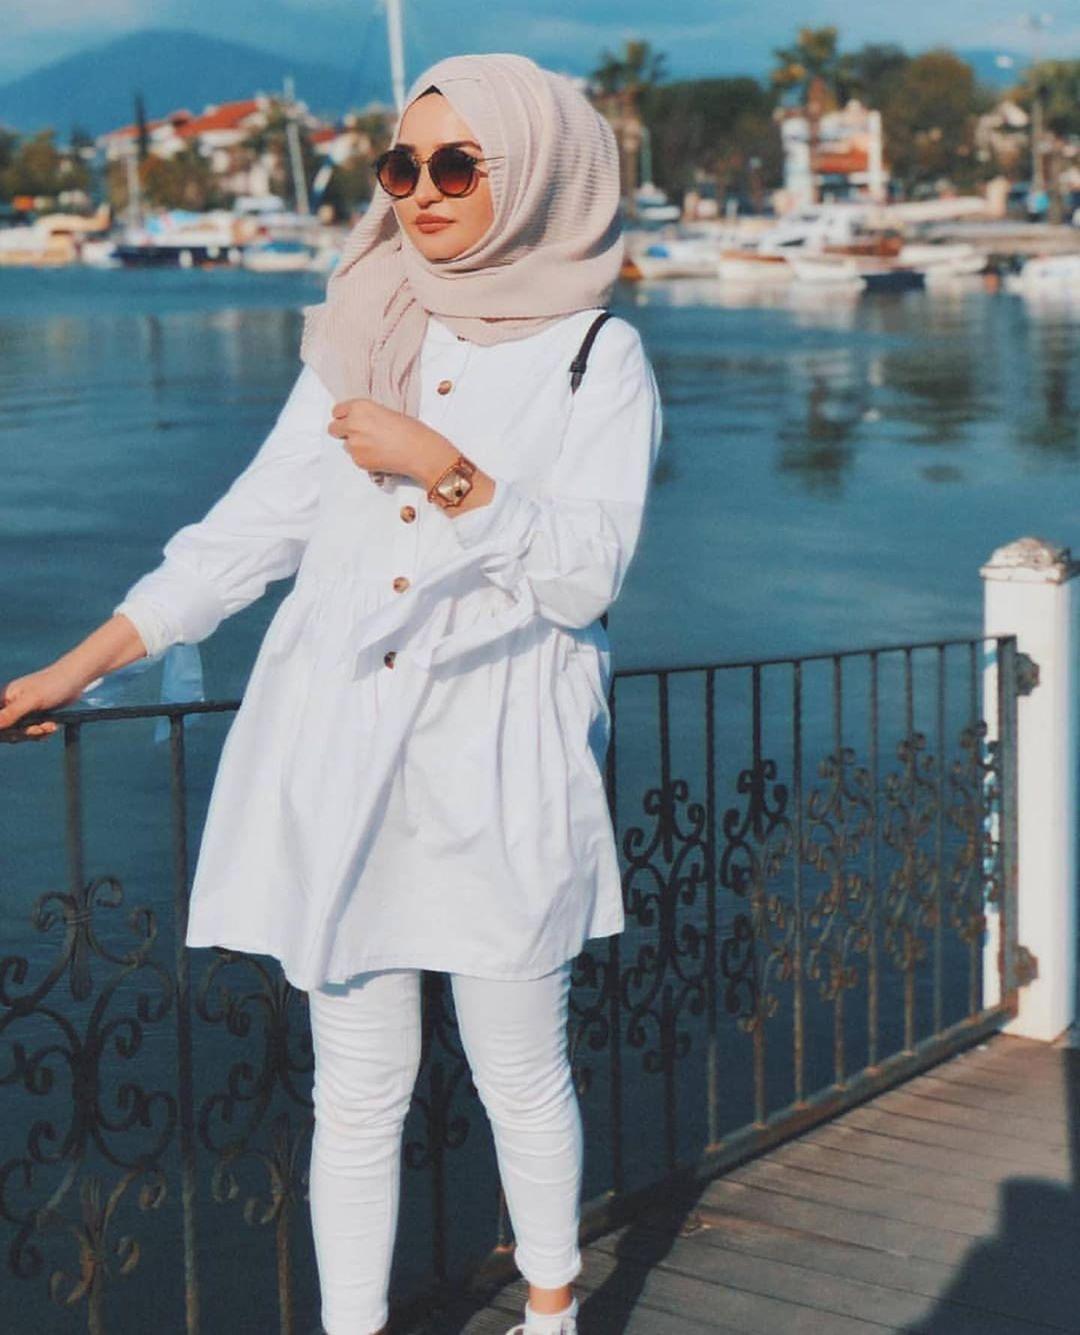 http://rozup.ir/view/2921716/hijab%20-manto-2978%20(2).jpg